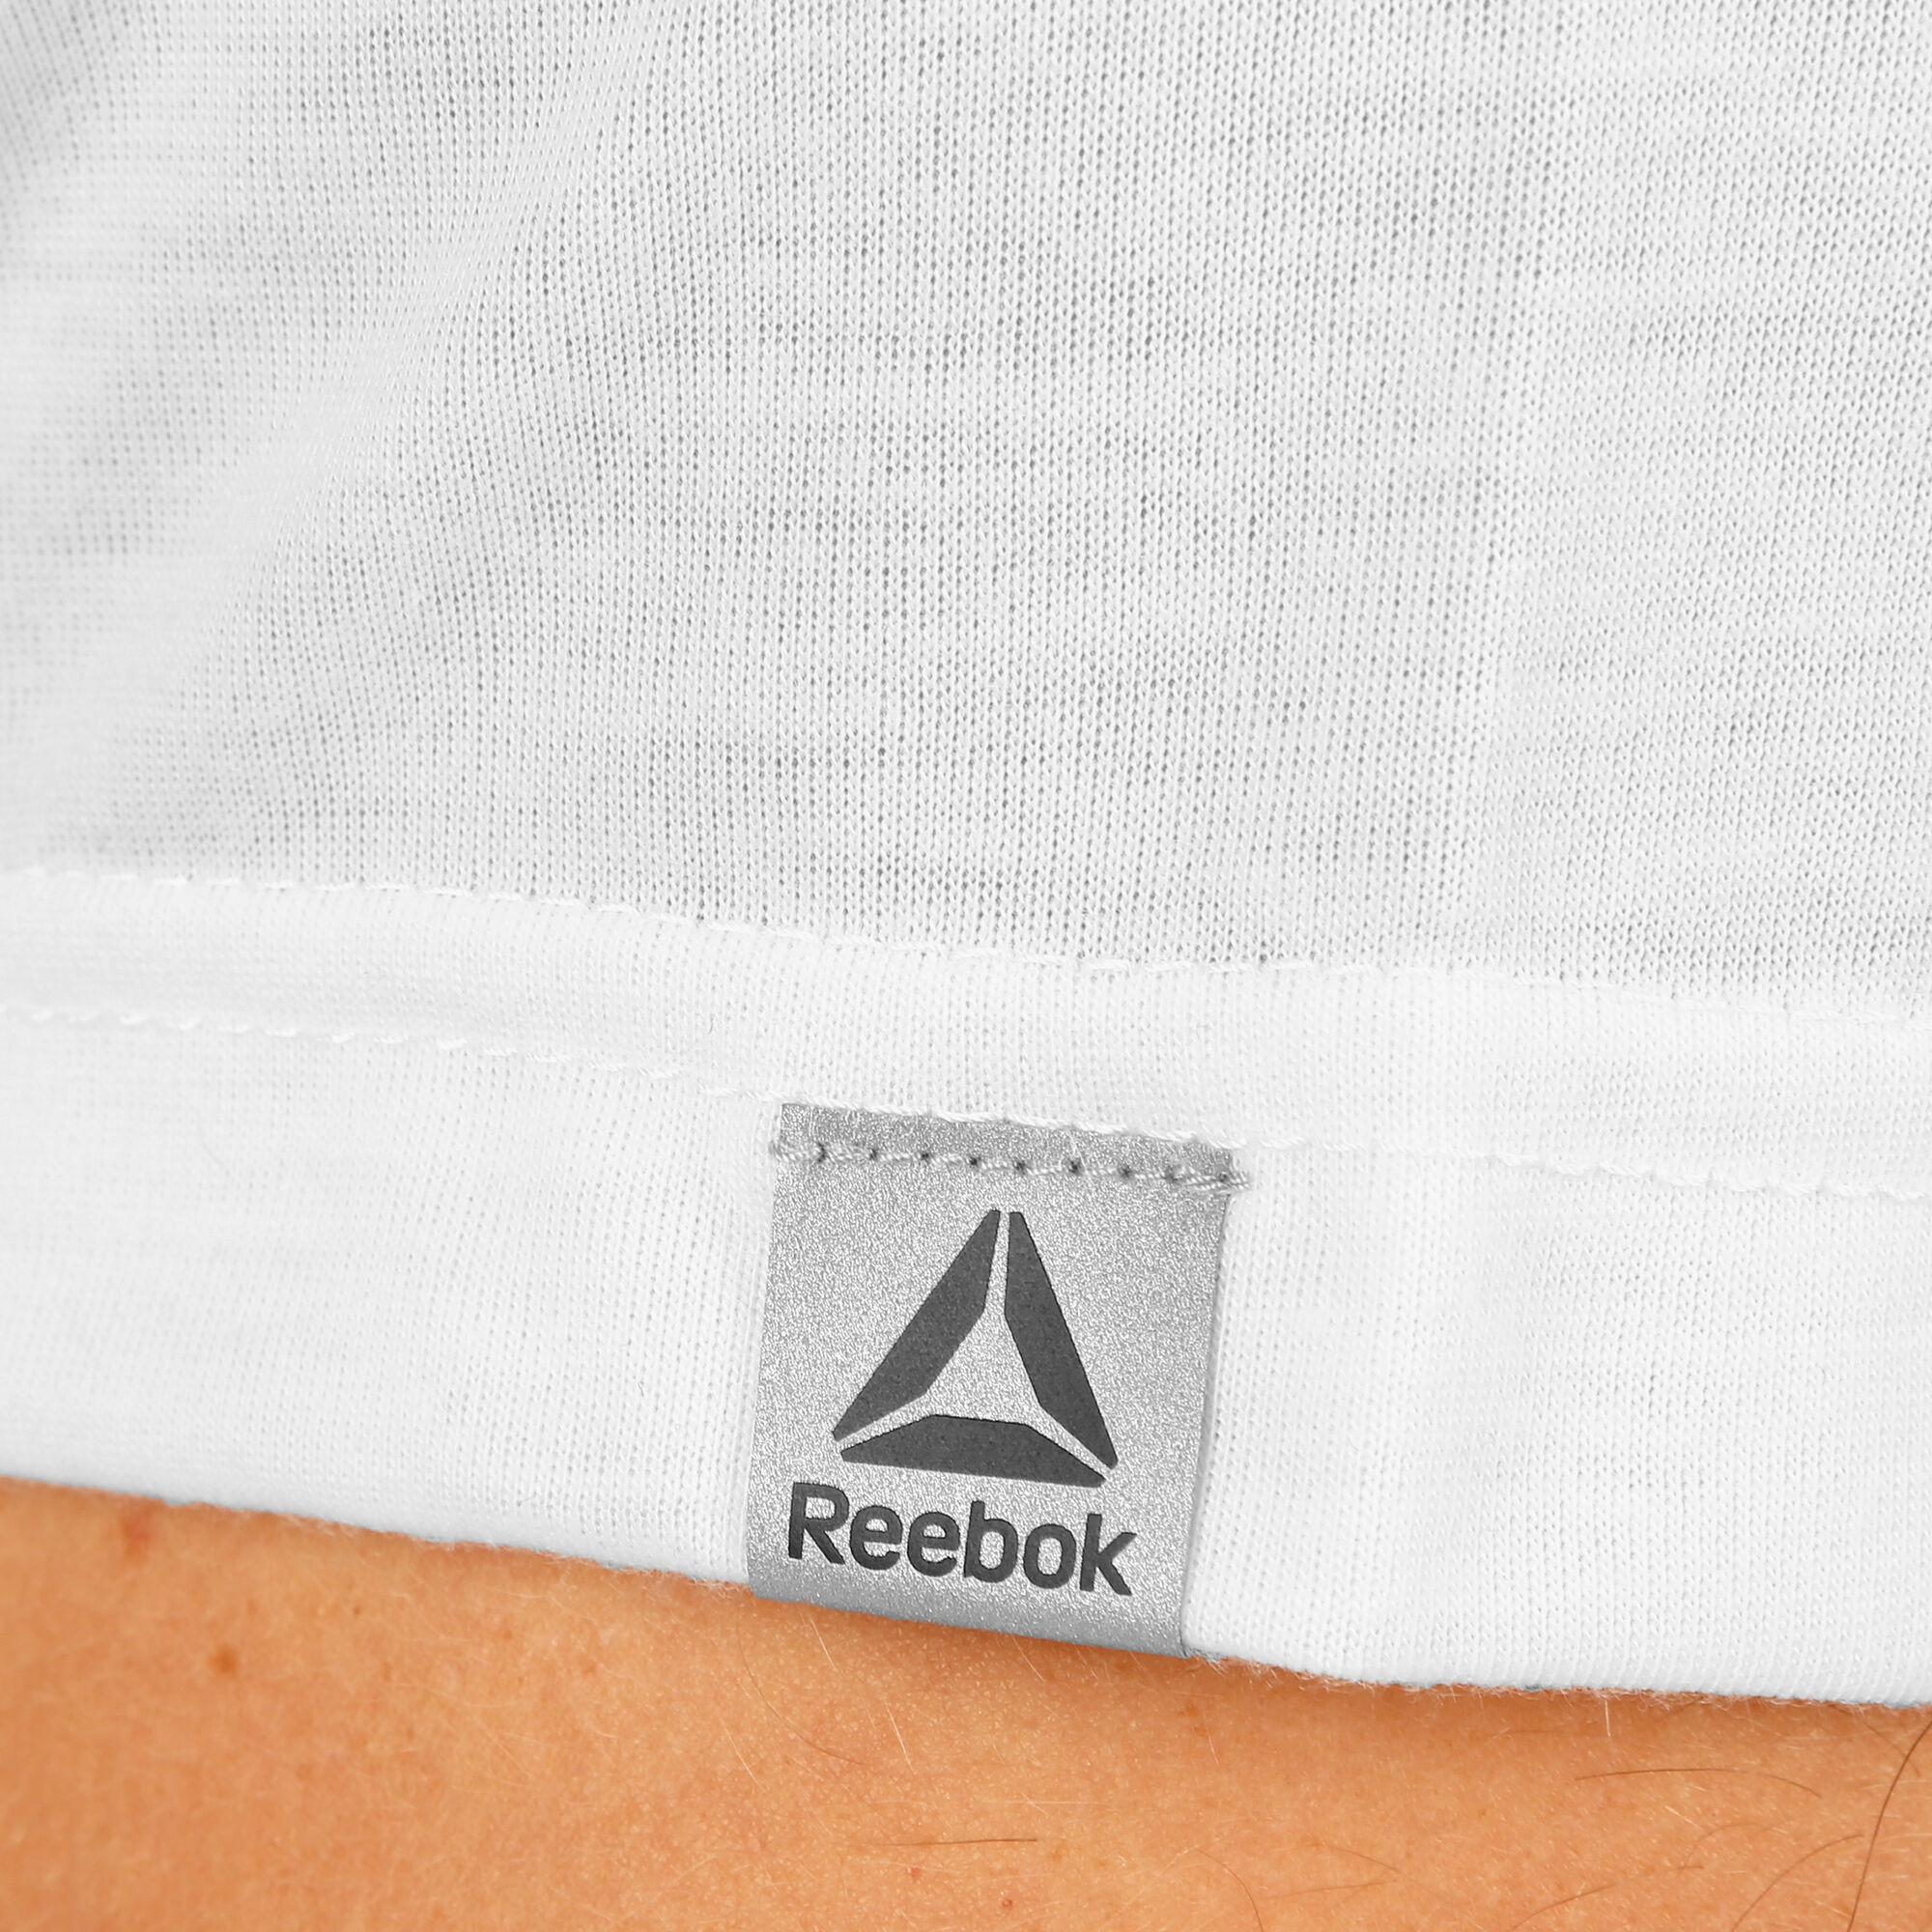 3718e87bee8 ... Reebok · Reebok · Reebok · Reebok · Reebok. Camo Delta Speedwick Crew  ...